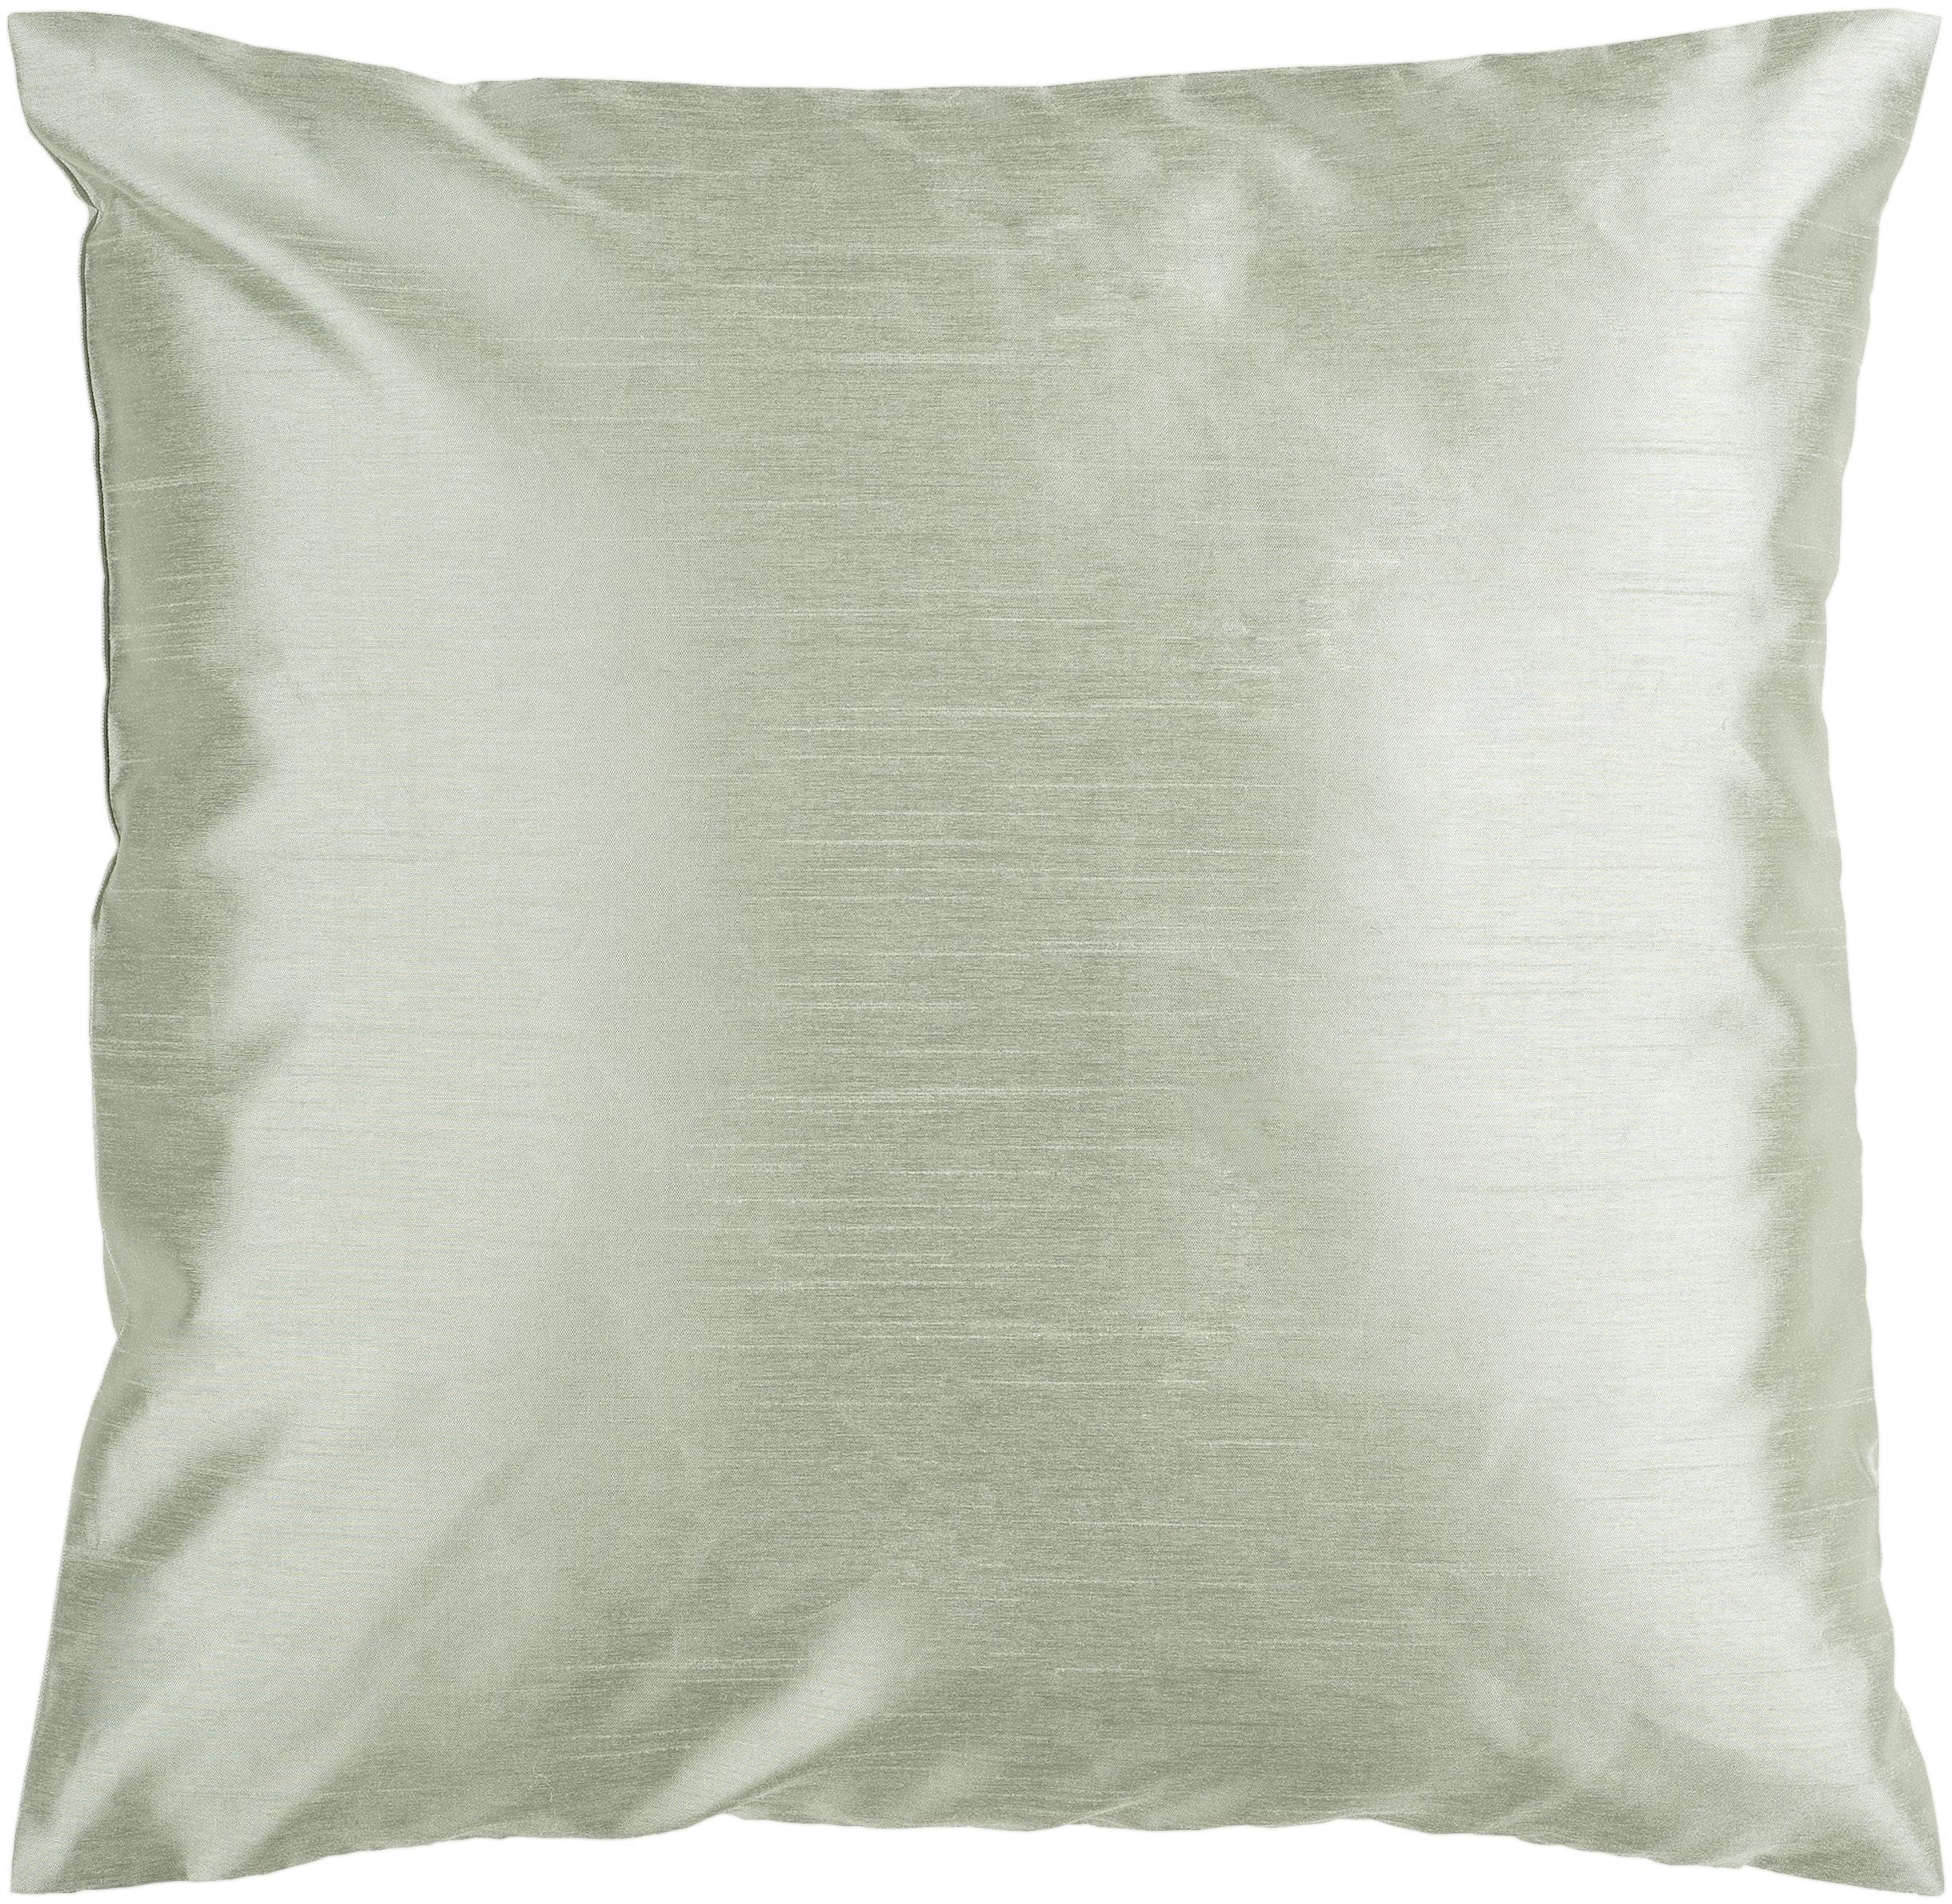 """Surya Rugs Pillows 18"""" x 18"""" Pillow - Item Number: HH031-1818P"""